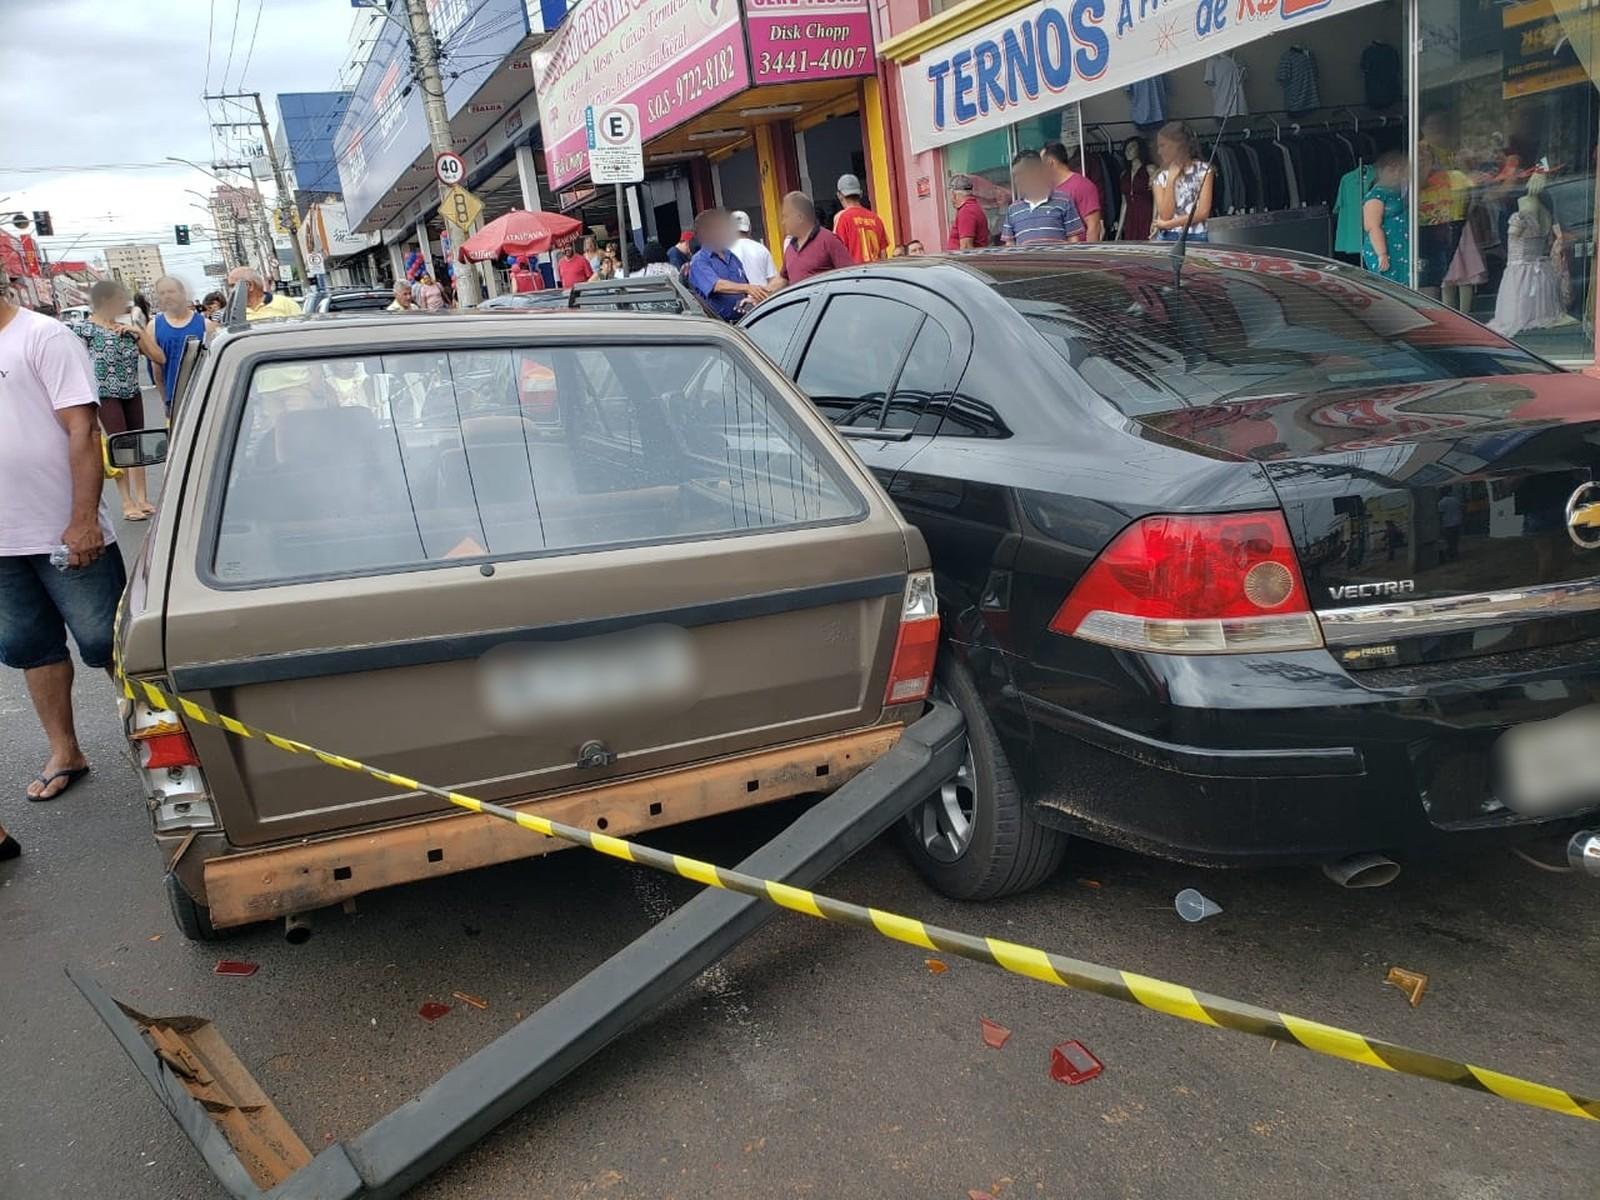 Acidente envolvendo quatro veículos deixa feridos na Avenida Tamoios em Tupã — Foto: Arquivo pessoal/João Trentini